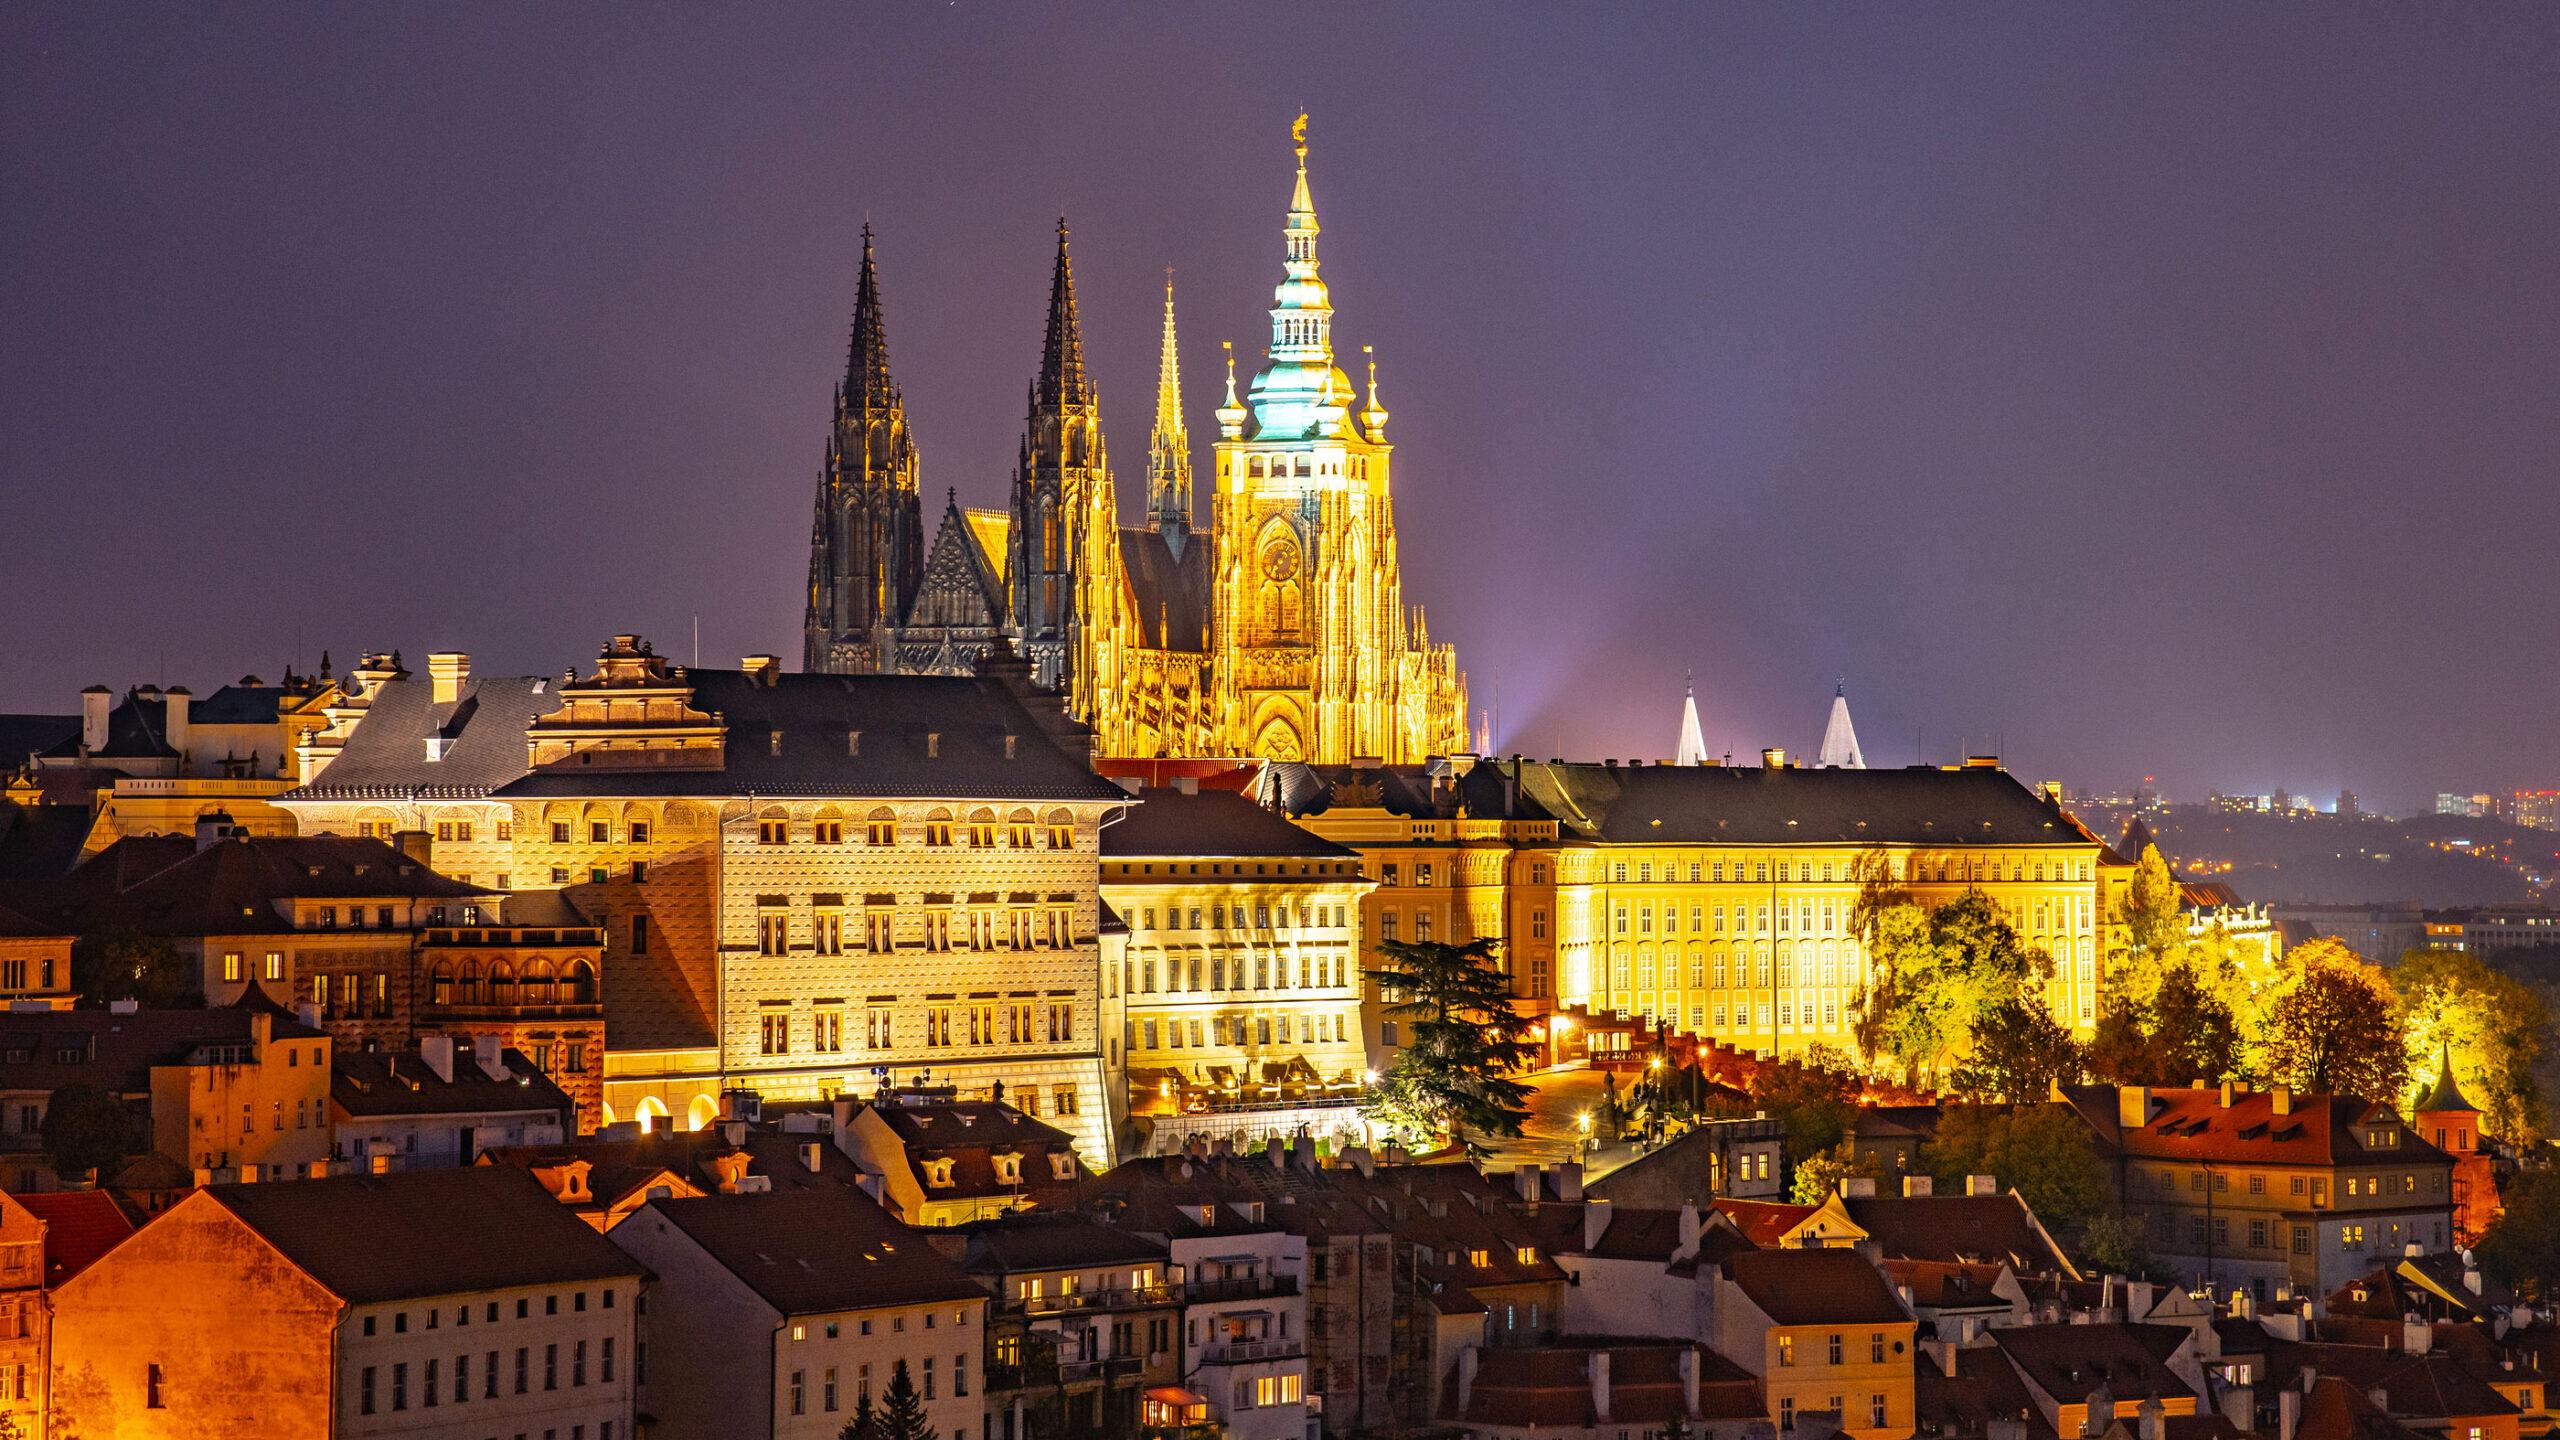 Prazsky Hrad Slottet Praha bygning attraksjon guide